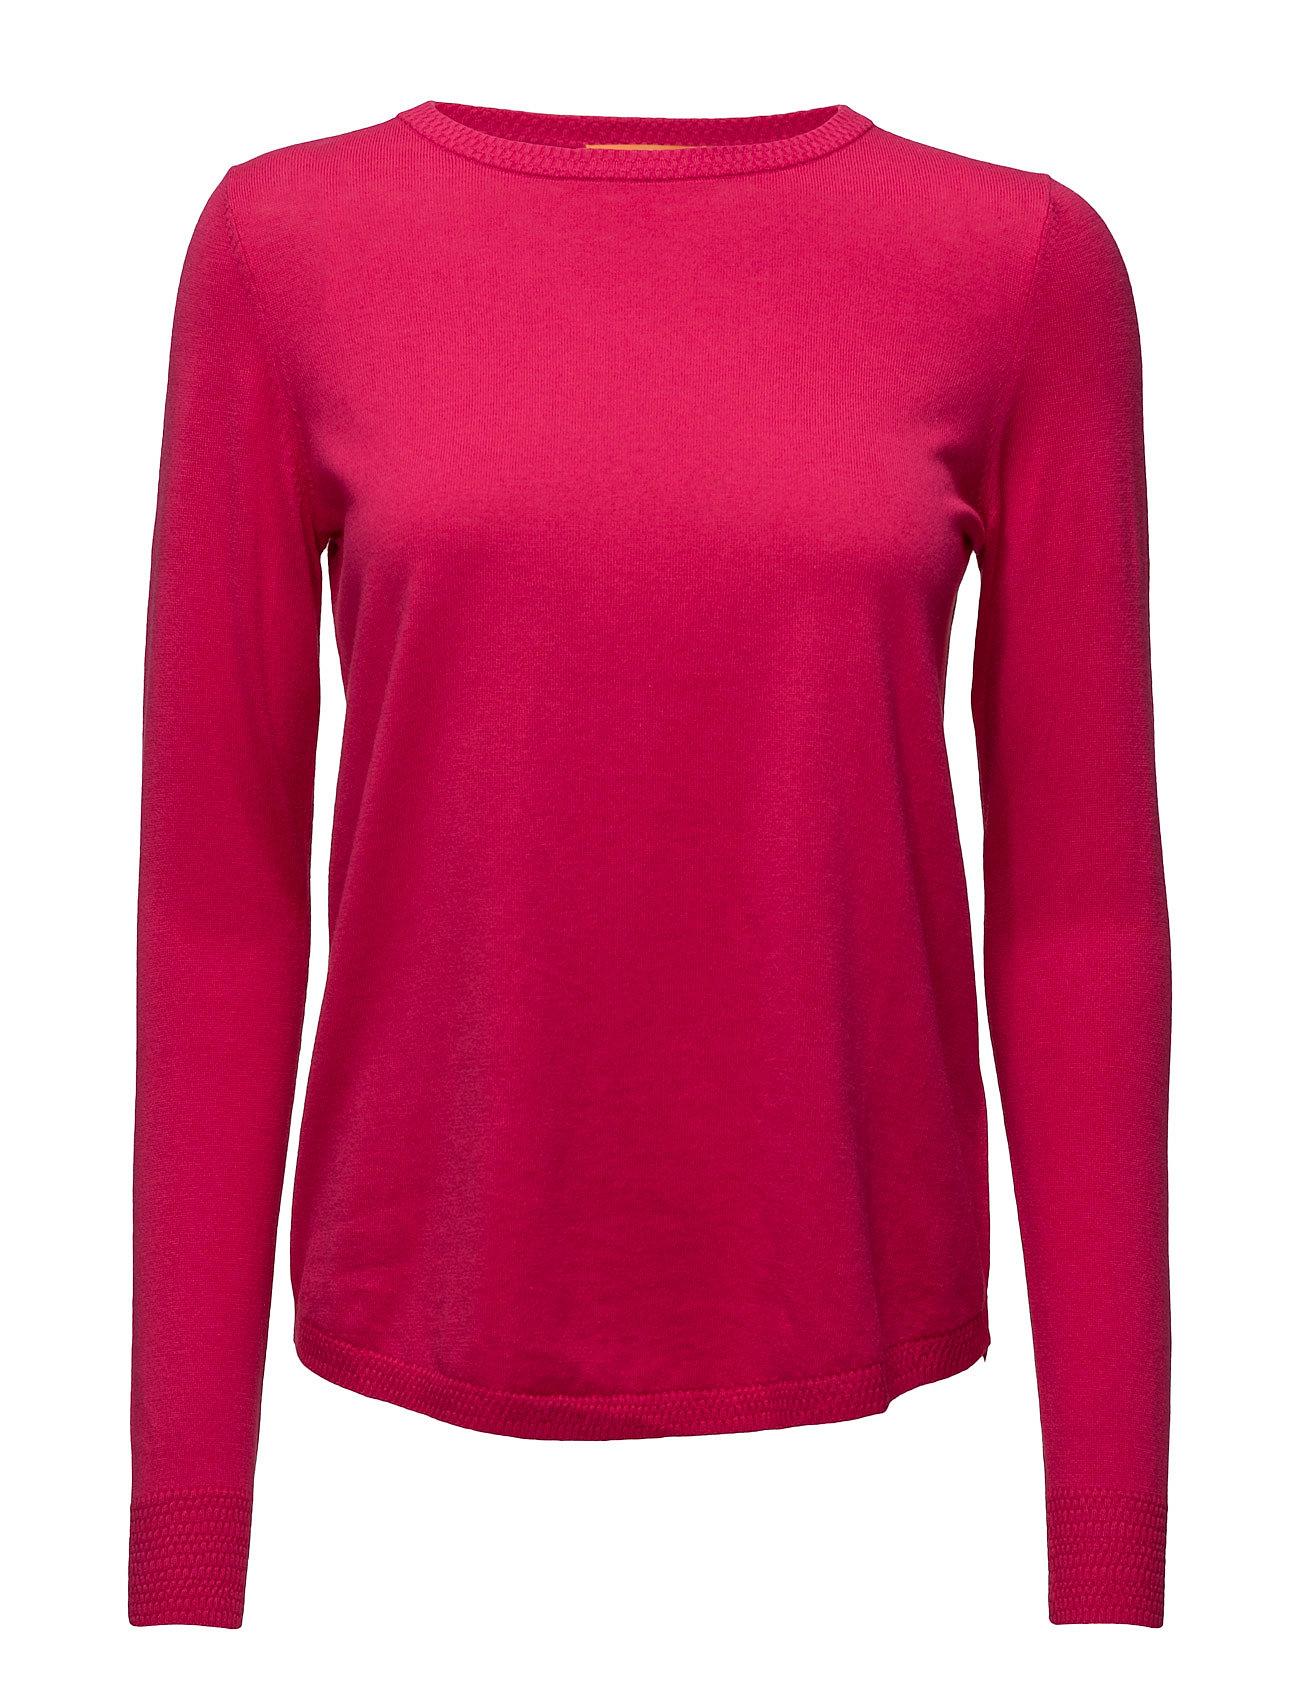 Idetta BOSS Orange Striktøj til Kvinder i Bright Pink